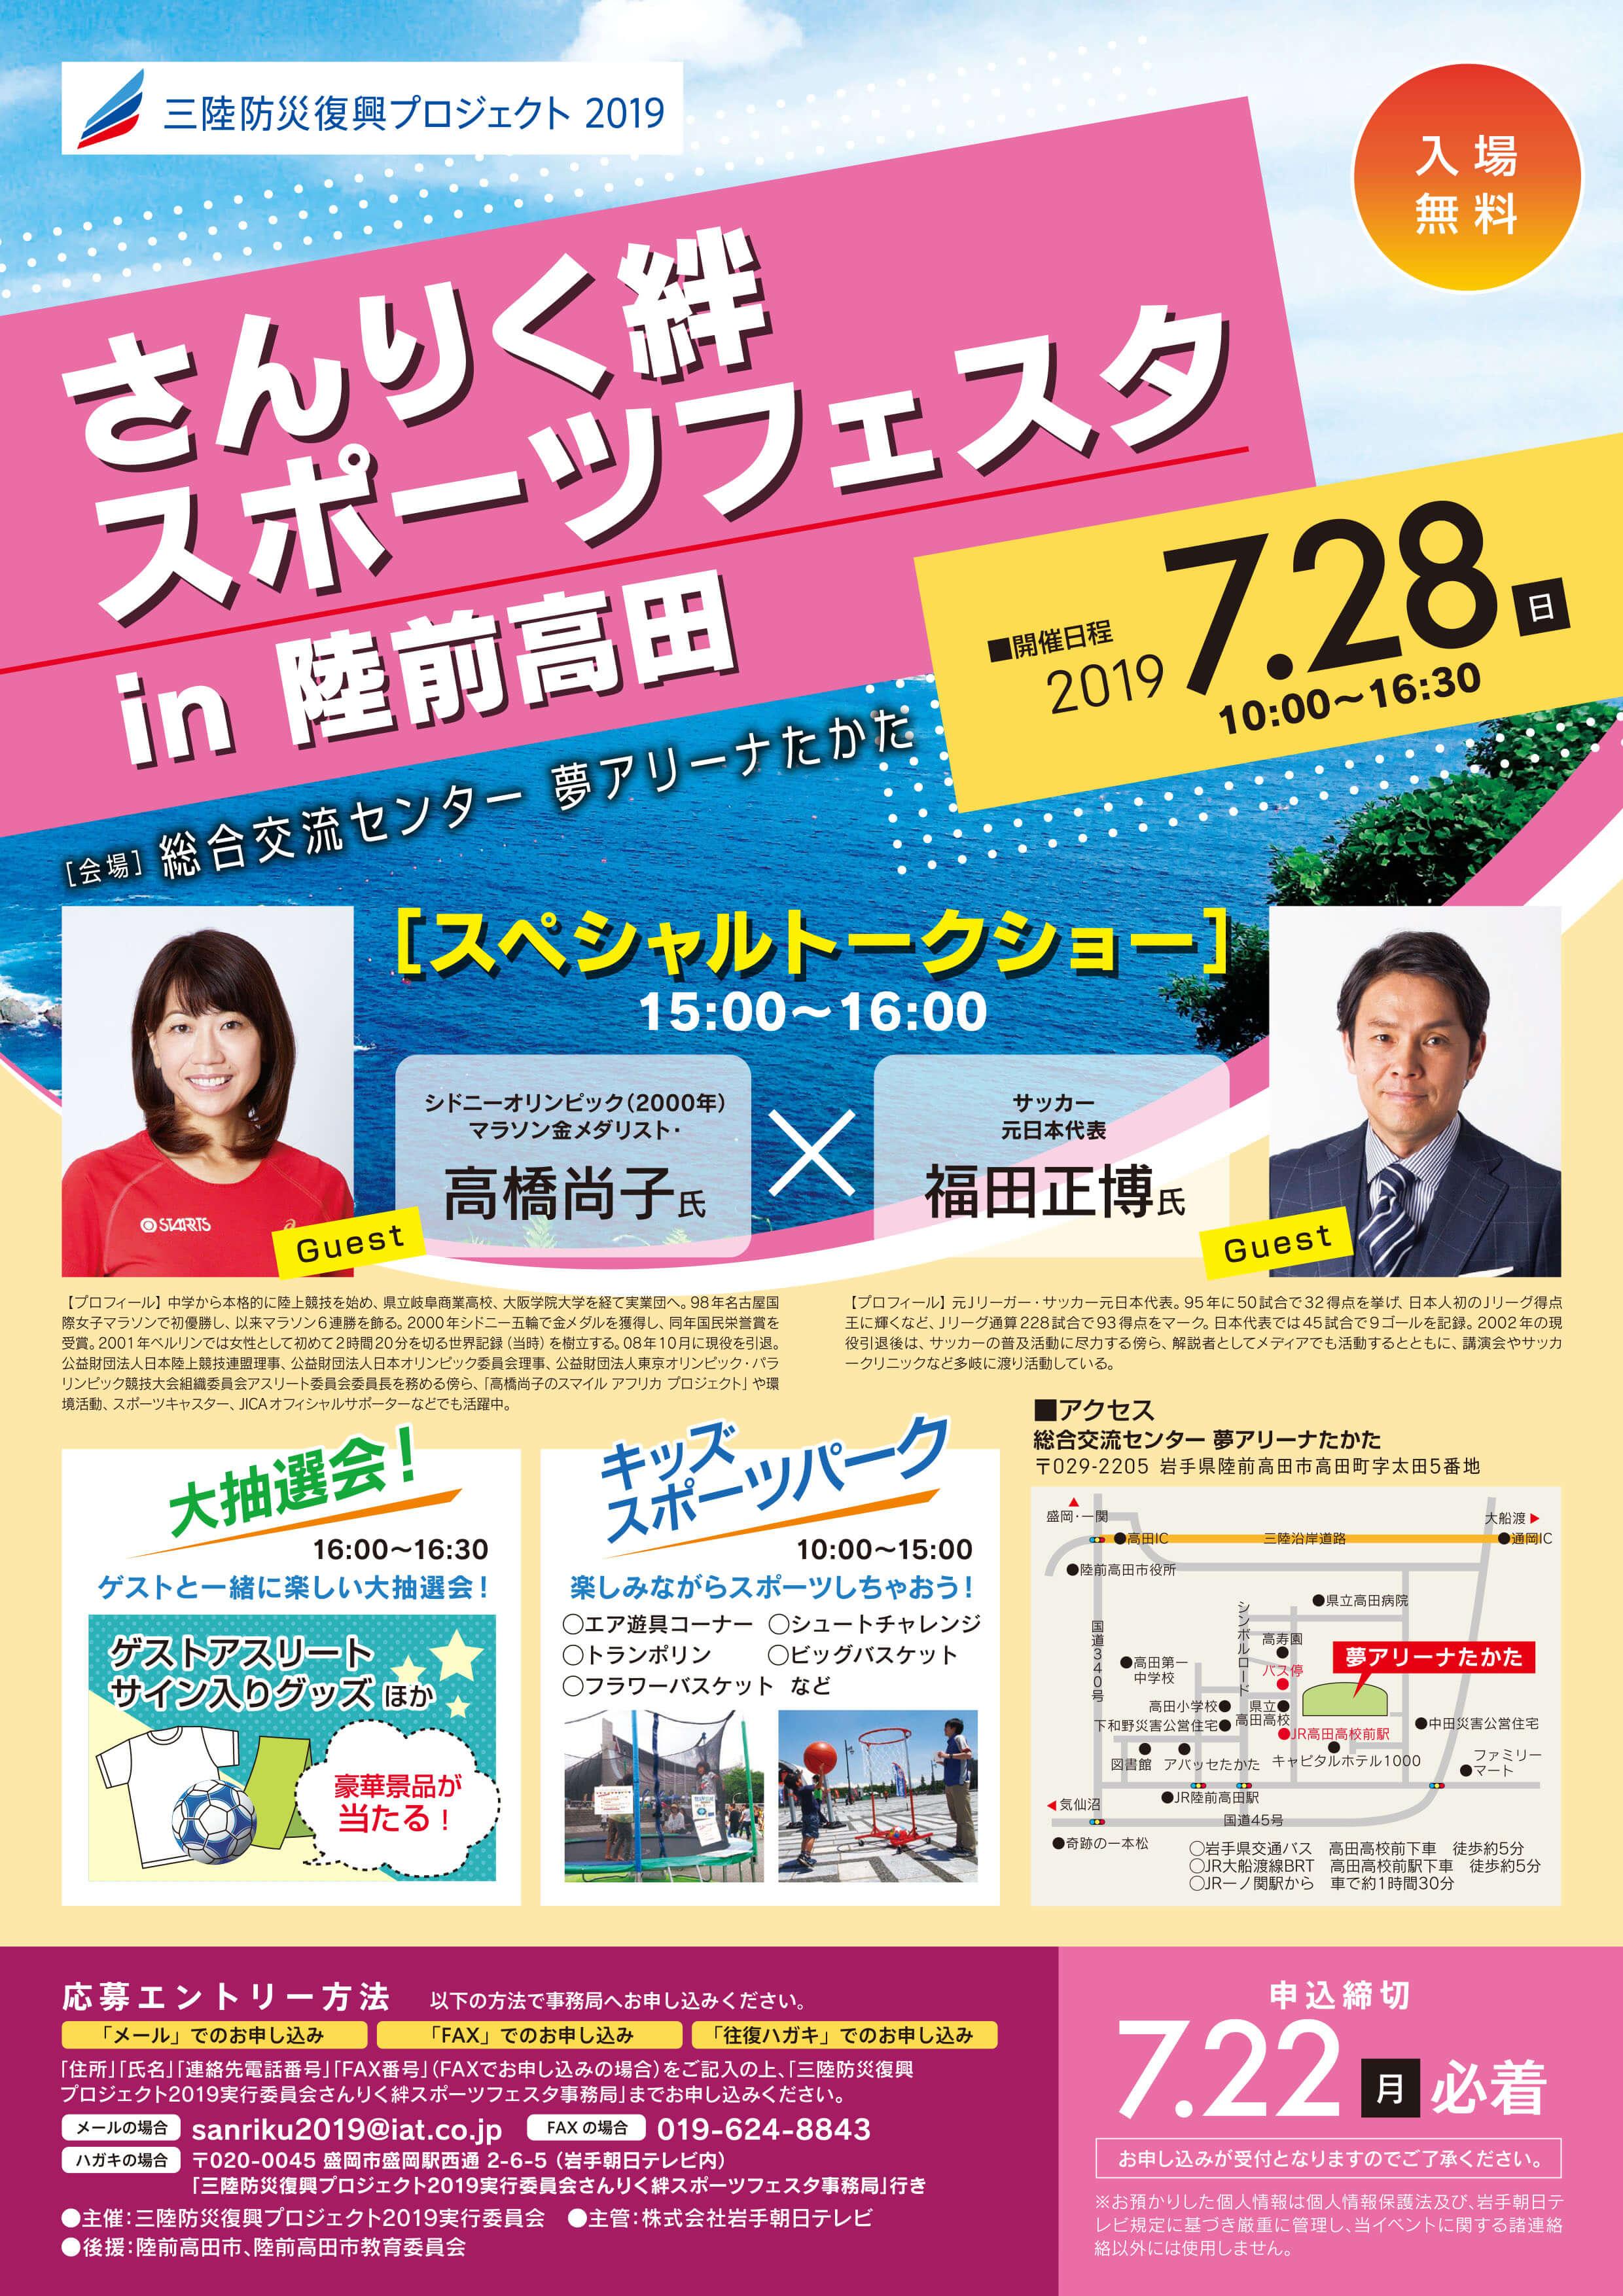 三陸防災復興プロジェクト2019 さんりく絆スポーツフェスタ in 陸前高田